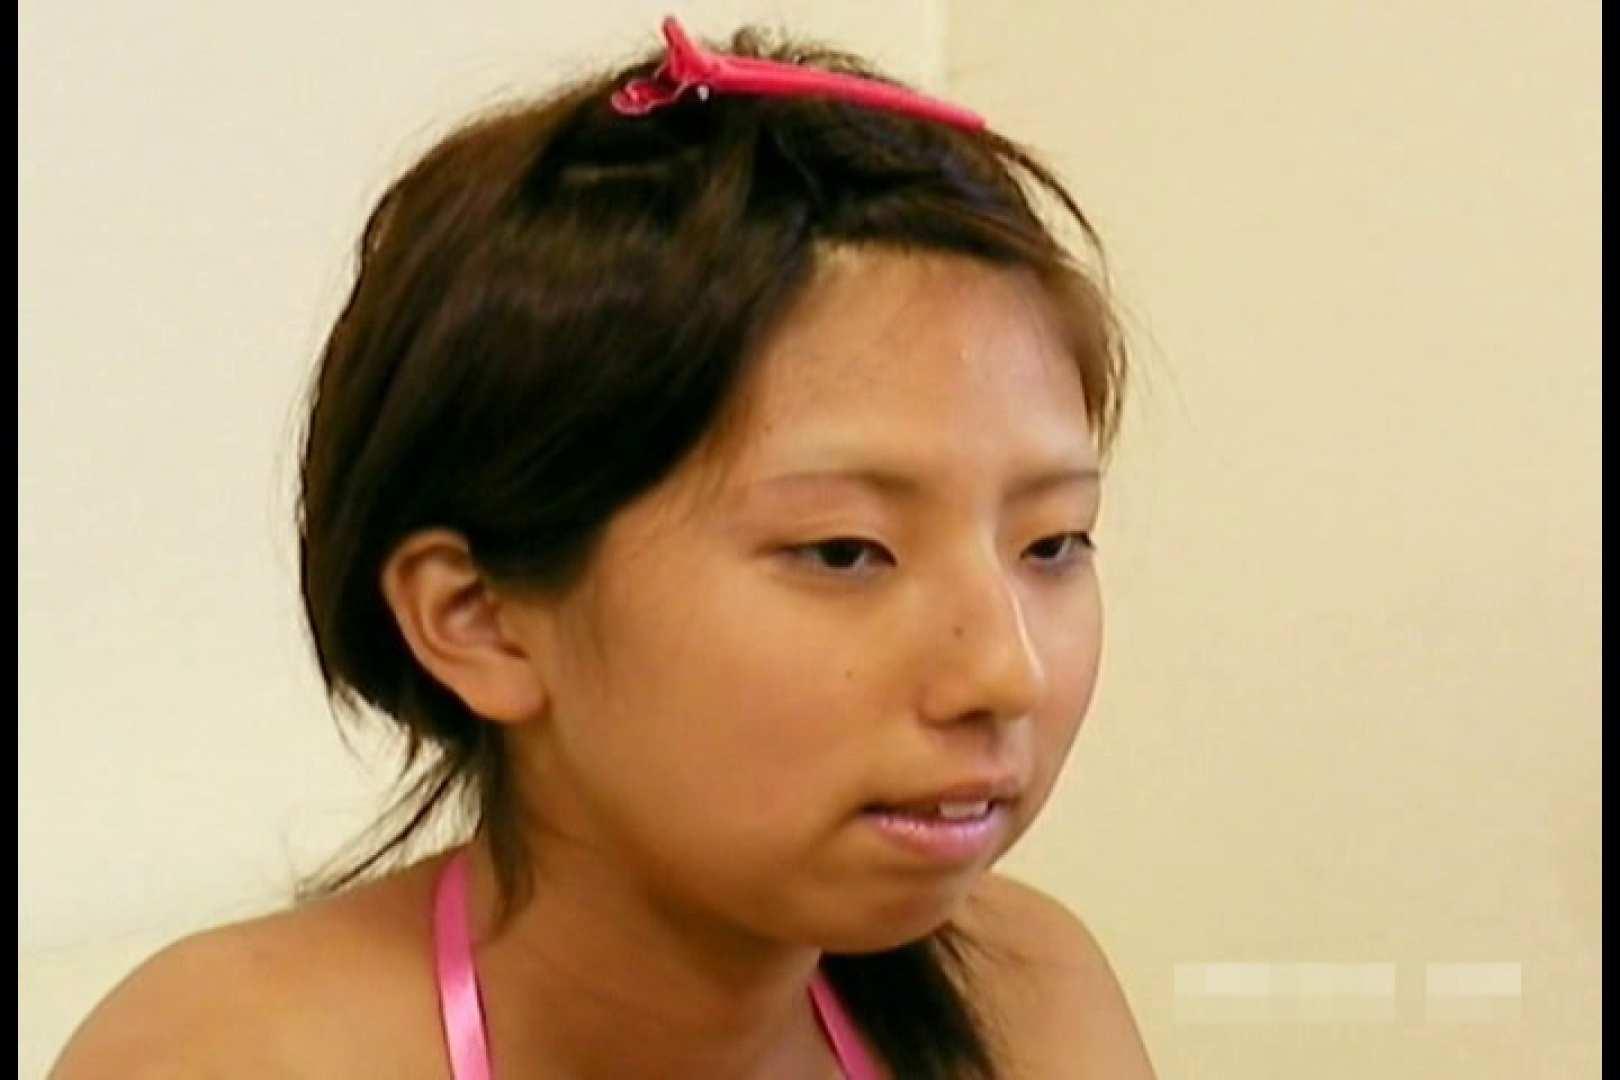 素人撮影 下着だけの撮影のはずが・・・エミちゃん18歳 丸見え AV動画キャプチャ 103画像 46